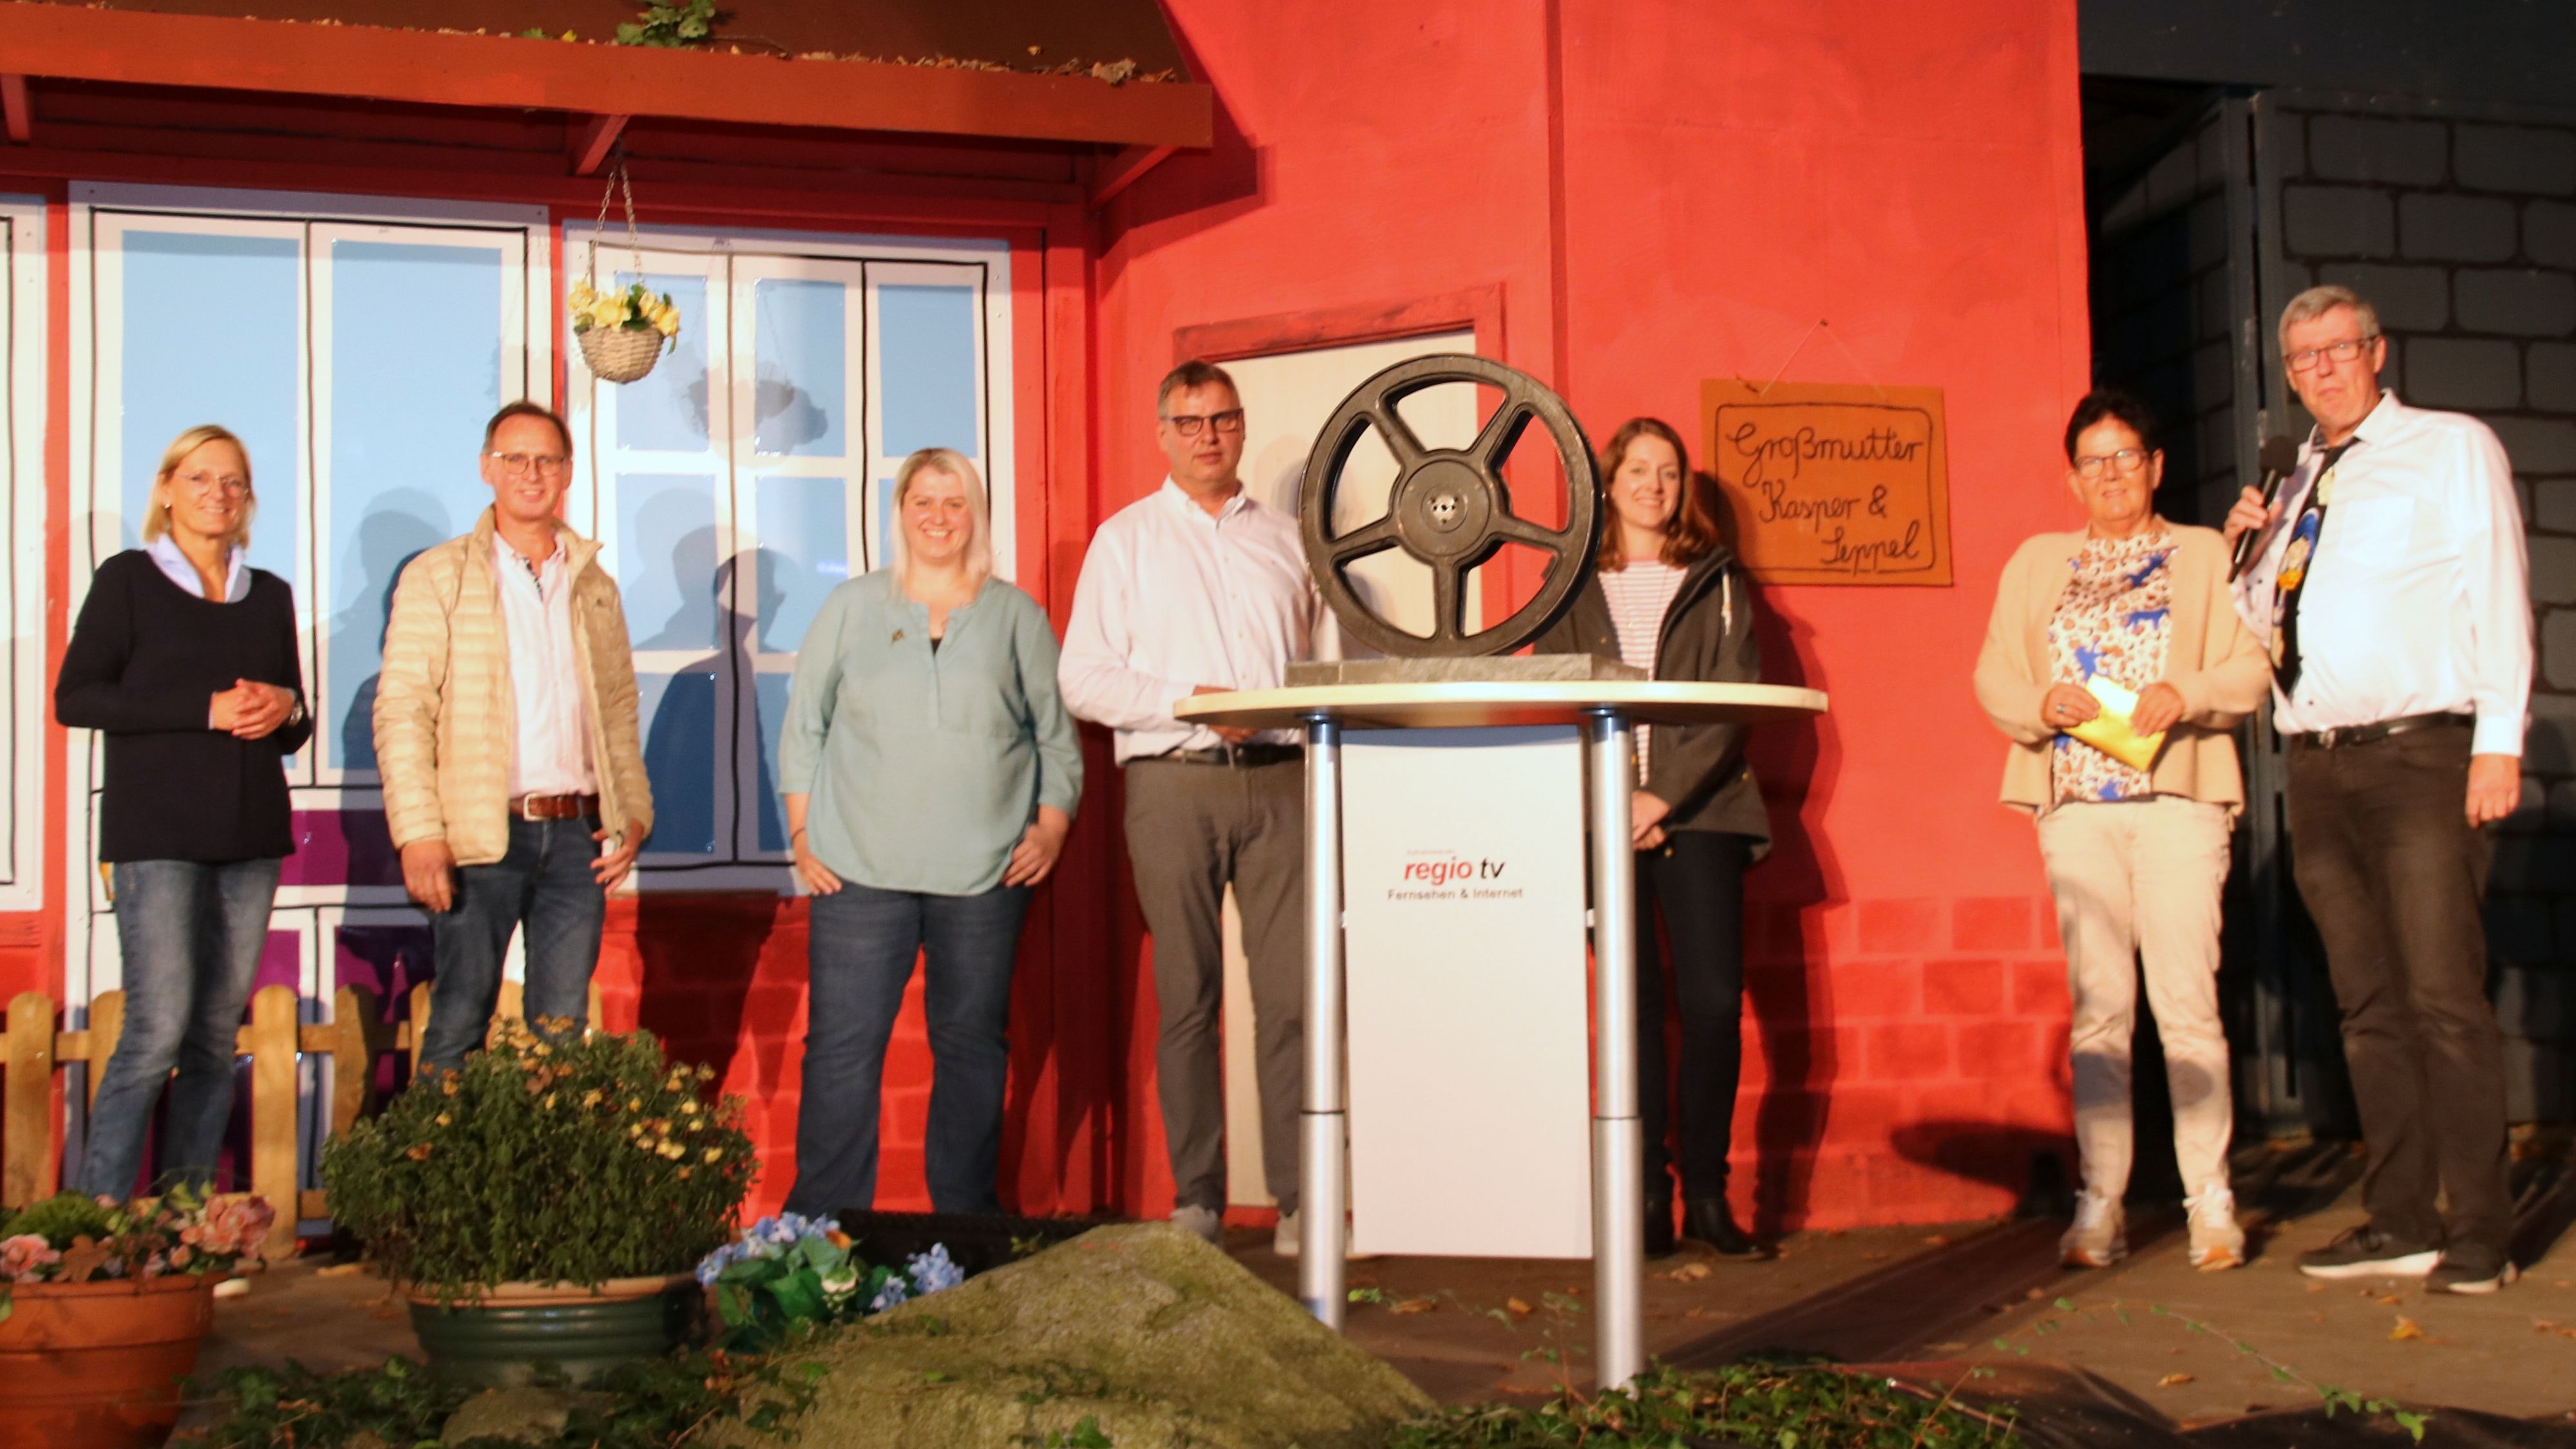 Die Jury und die Veranstalter des 11. Filmfestivals Oldenburger Münsterland: (von links) Birgit Winkel, Martin Nordlohne, Melanie Hättrich, Carl Bünker, Lydia Stuntebeck, Elsbeth Schlärmann und Thomas Sandkötter. Foto: Steinke